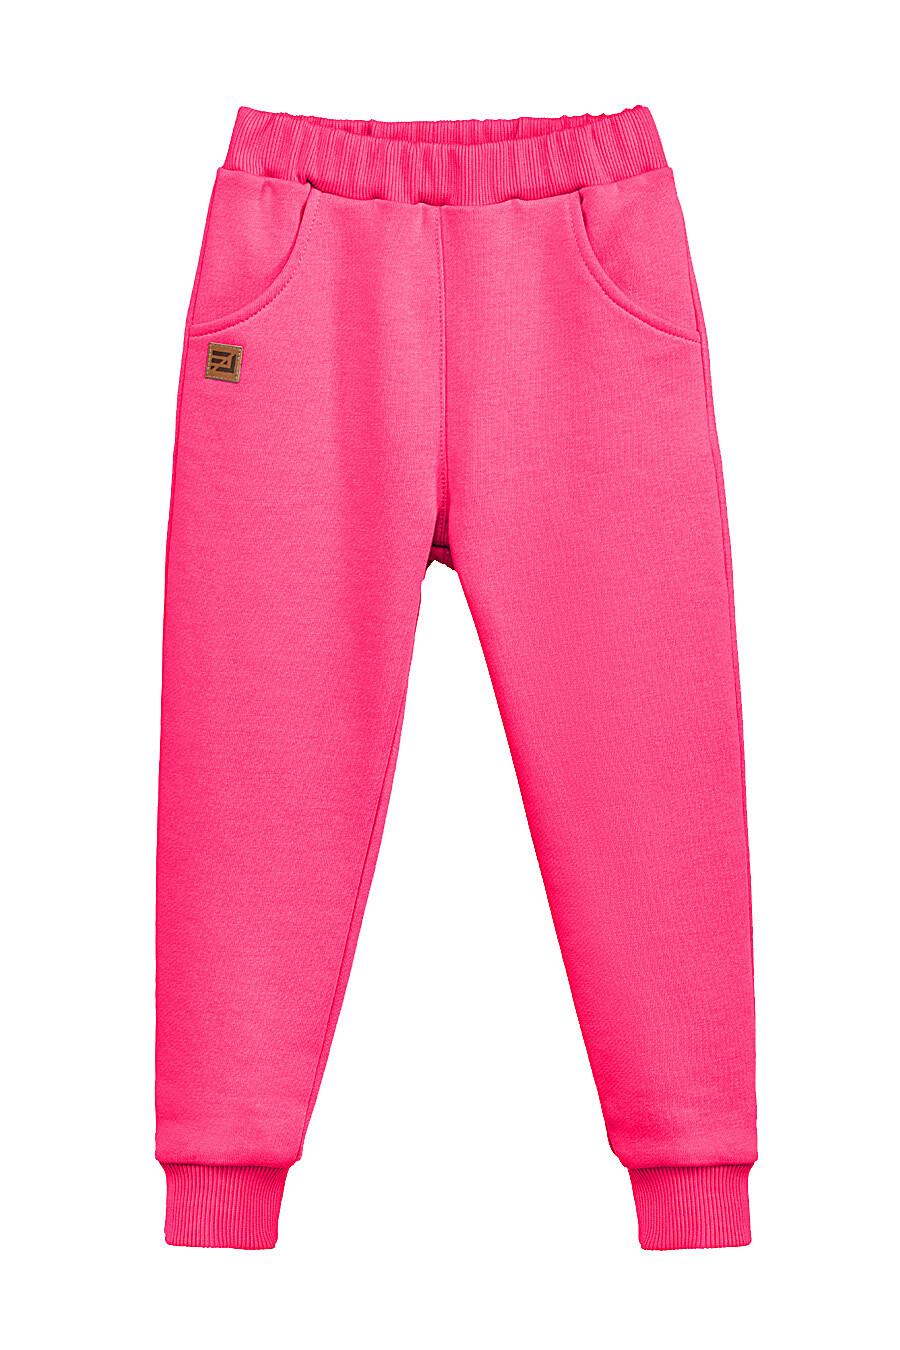 Брюки для девочек EZANNA 668059 купить оптом от производителя. Совместная покупка детской одежды в OptMoyo